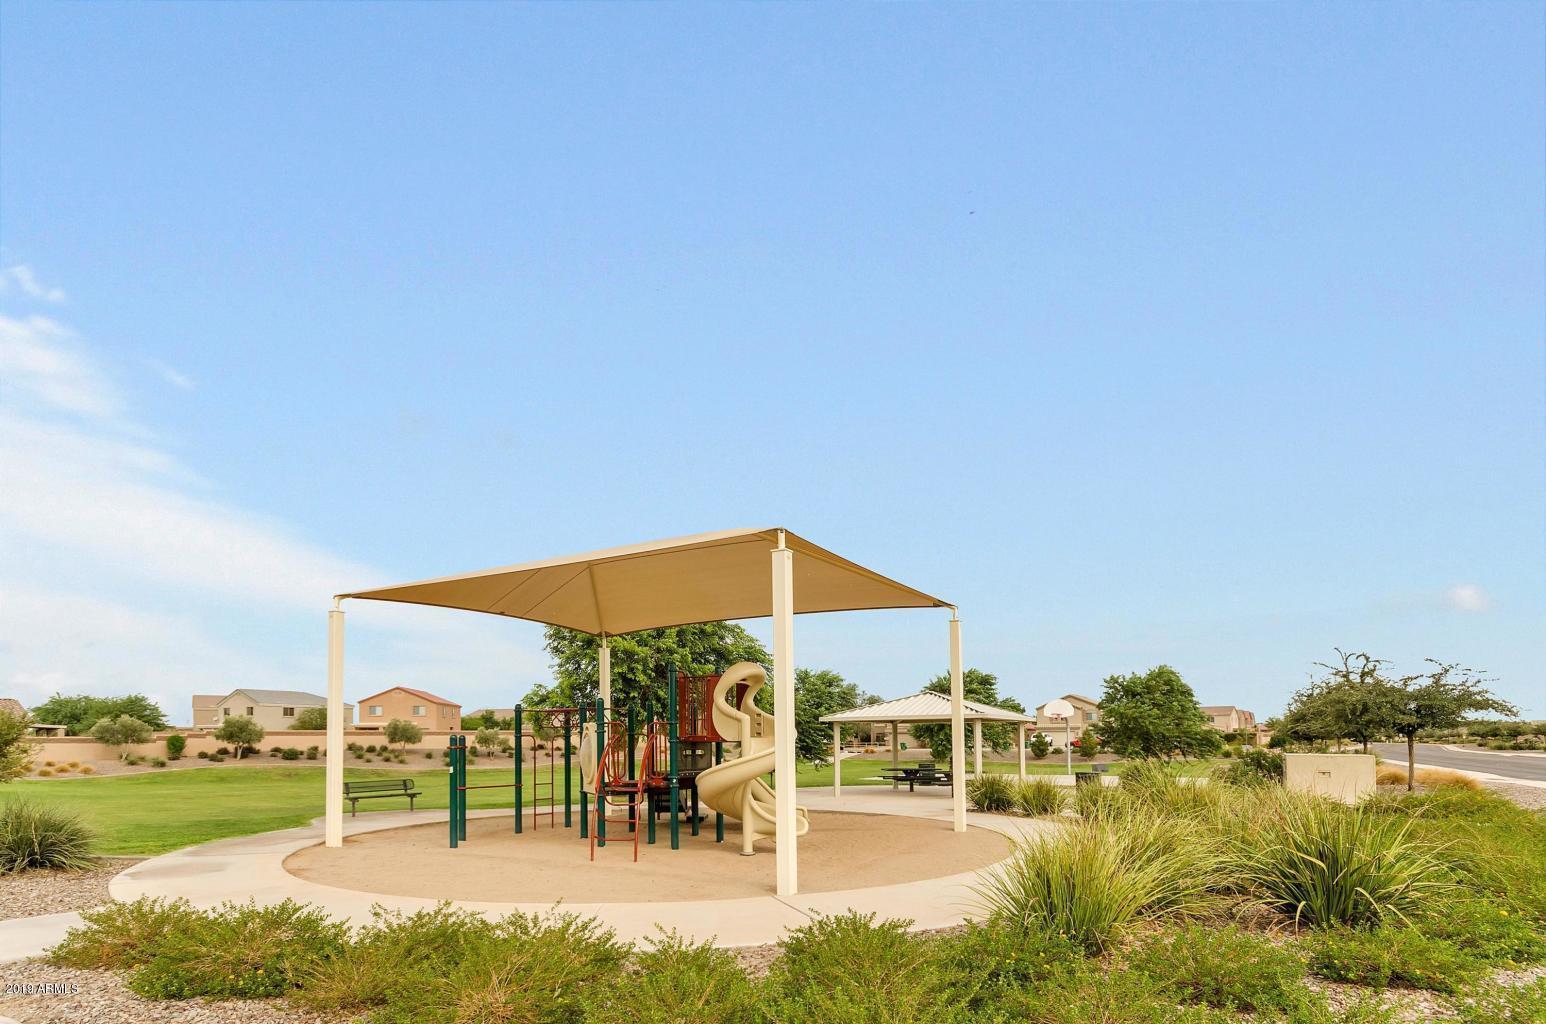 MLS 5935798 876 S NIELSON Street, Gilbert, AZ 85296